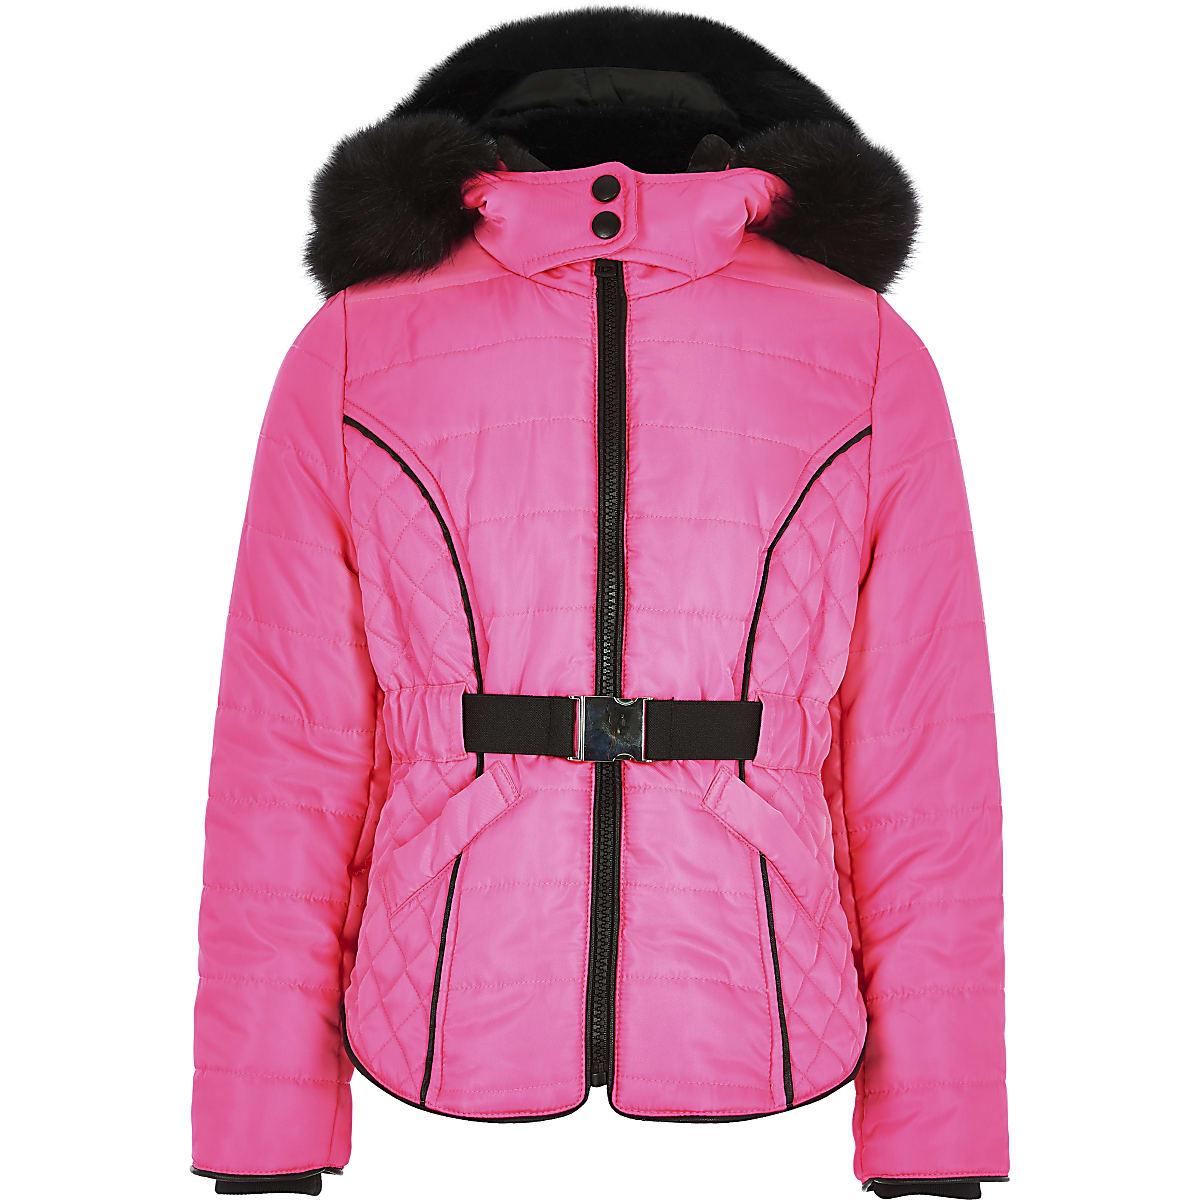 Neon roze gewatteerd jack met voering van imitatiebont